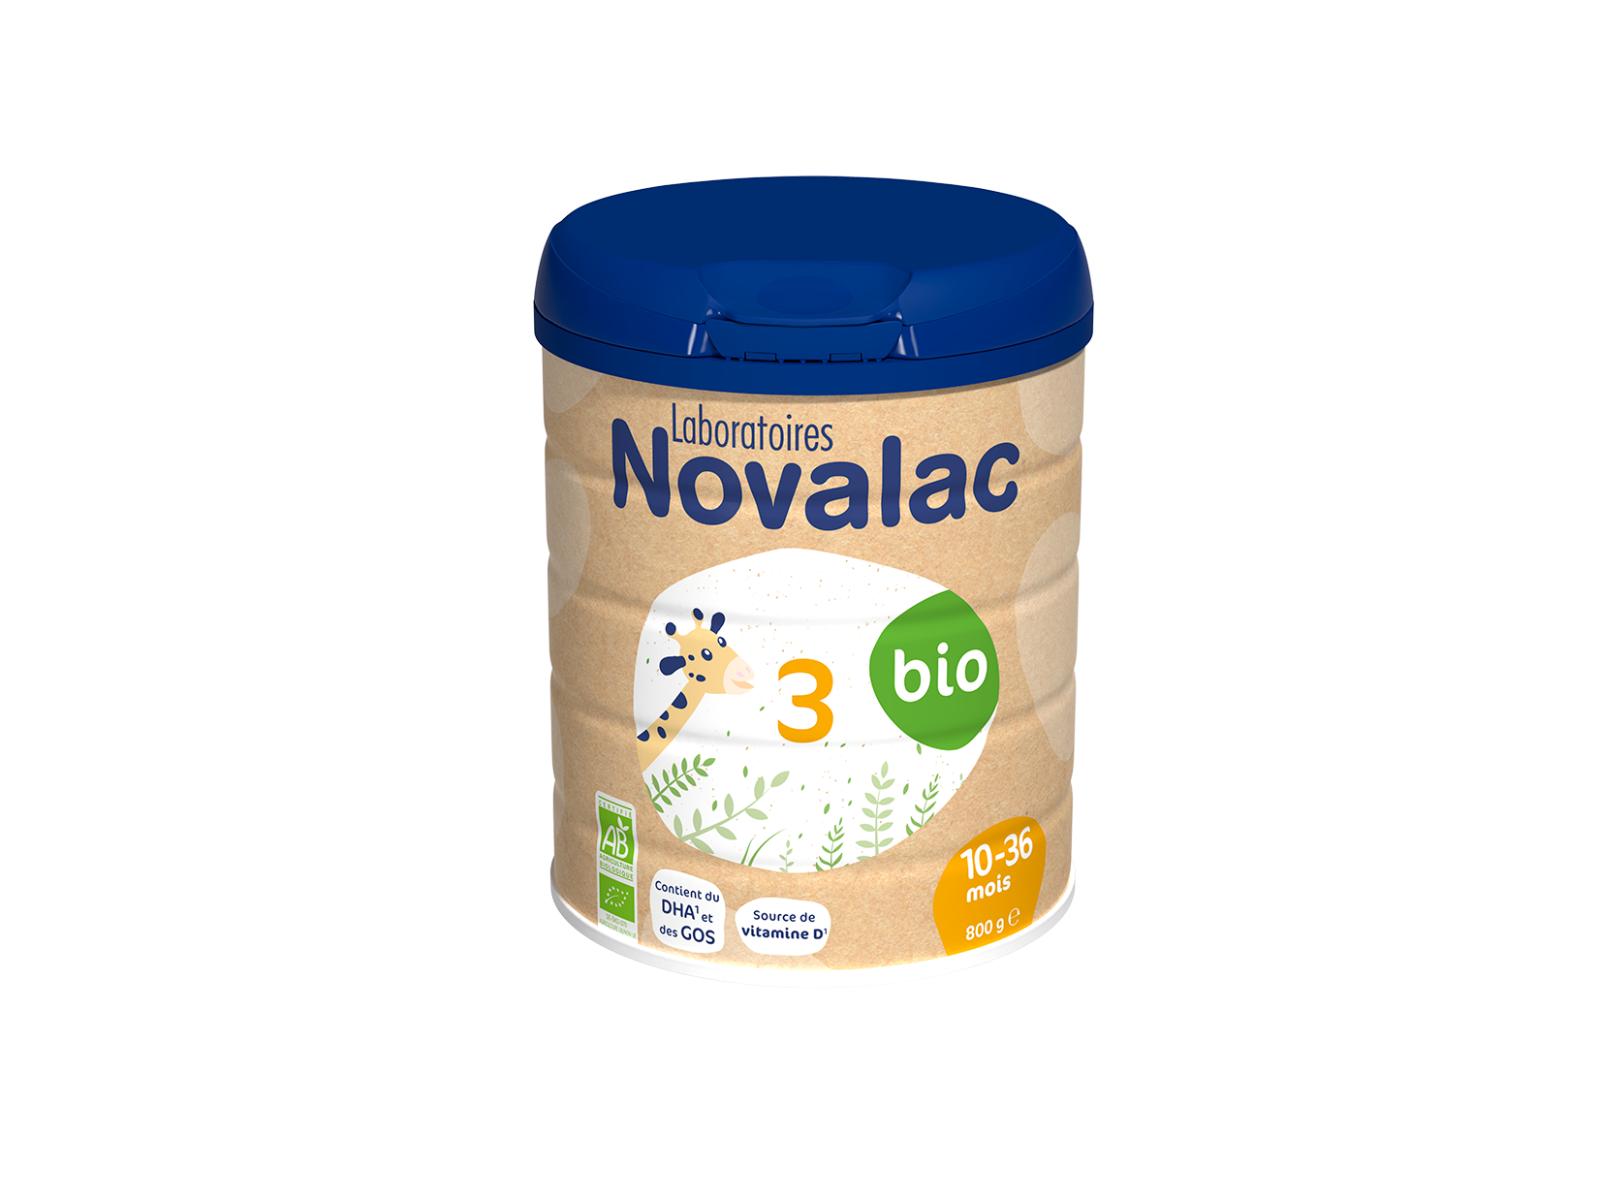 NOVALAC Lait de Croissance 3eme Age Bio 10-36 mois, 800g